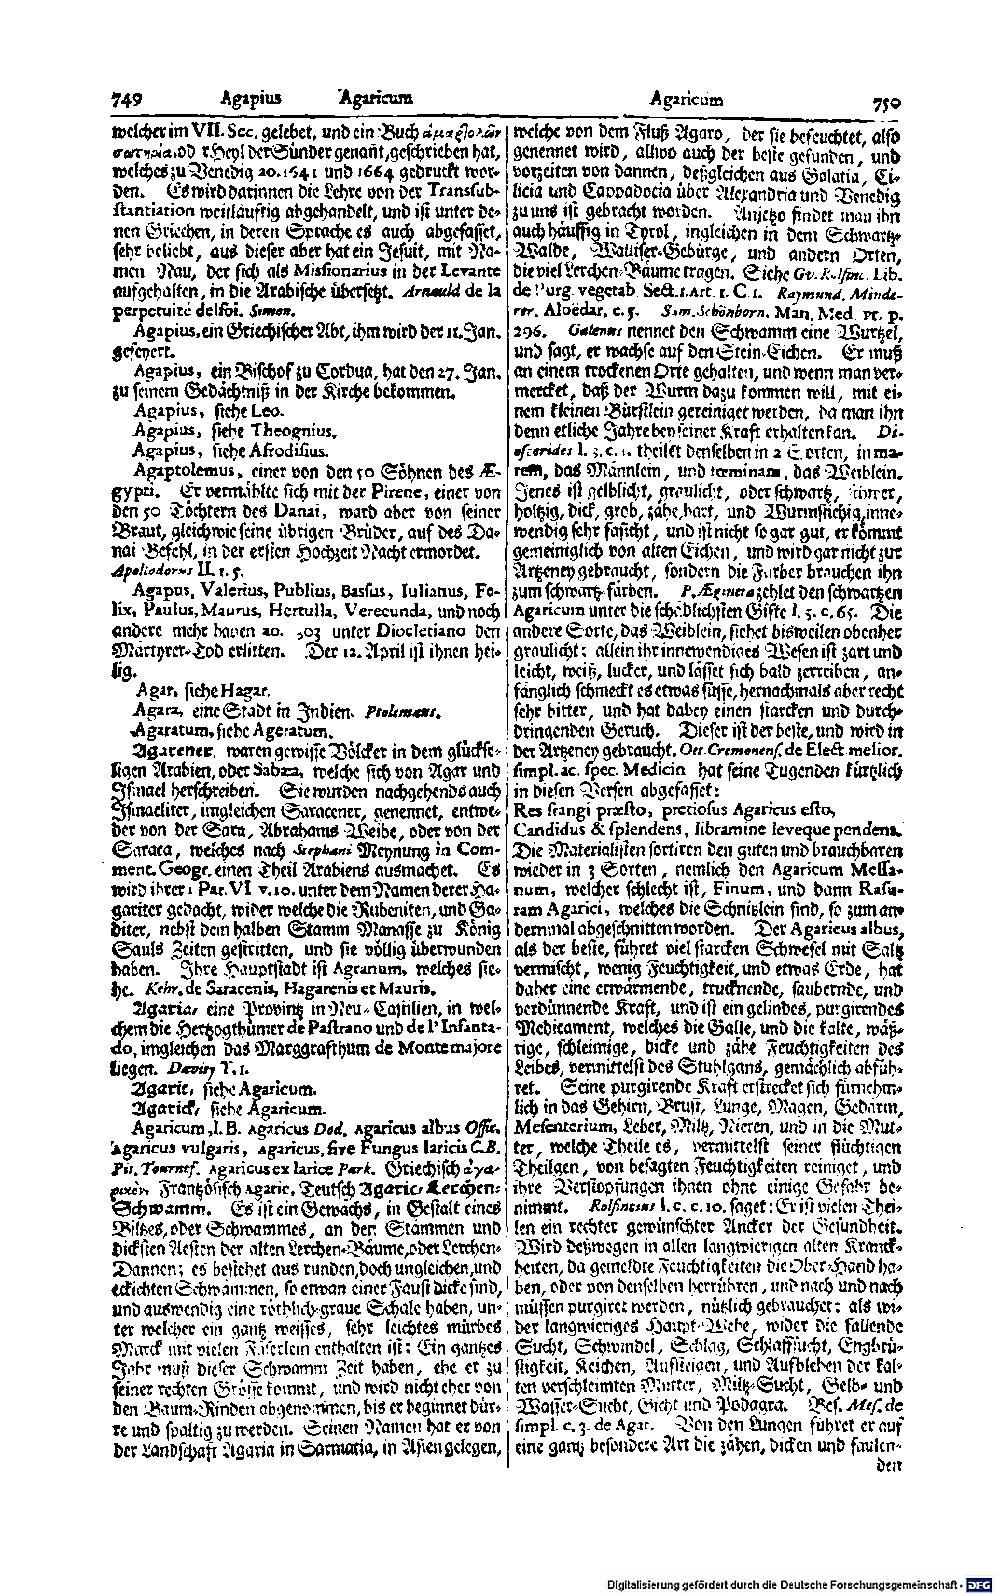 Bd. 01, Seite 0414.